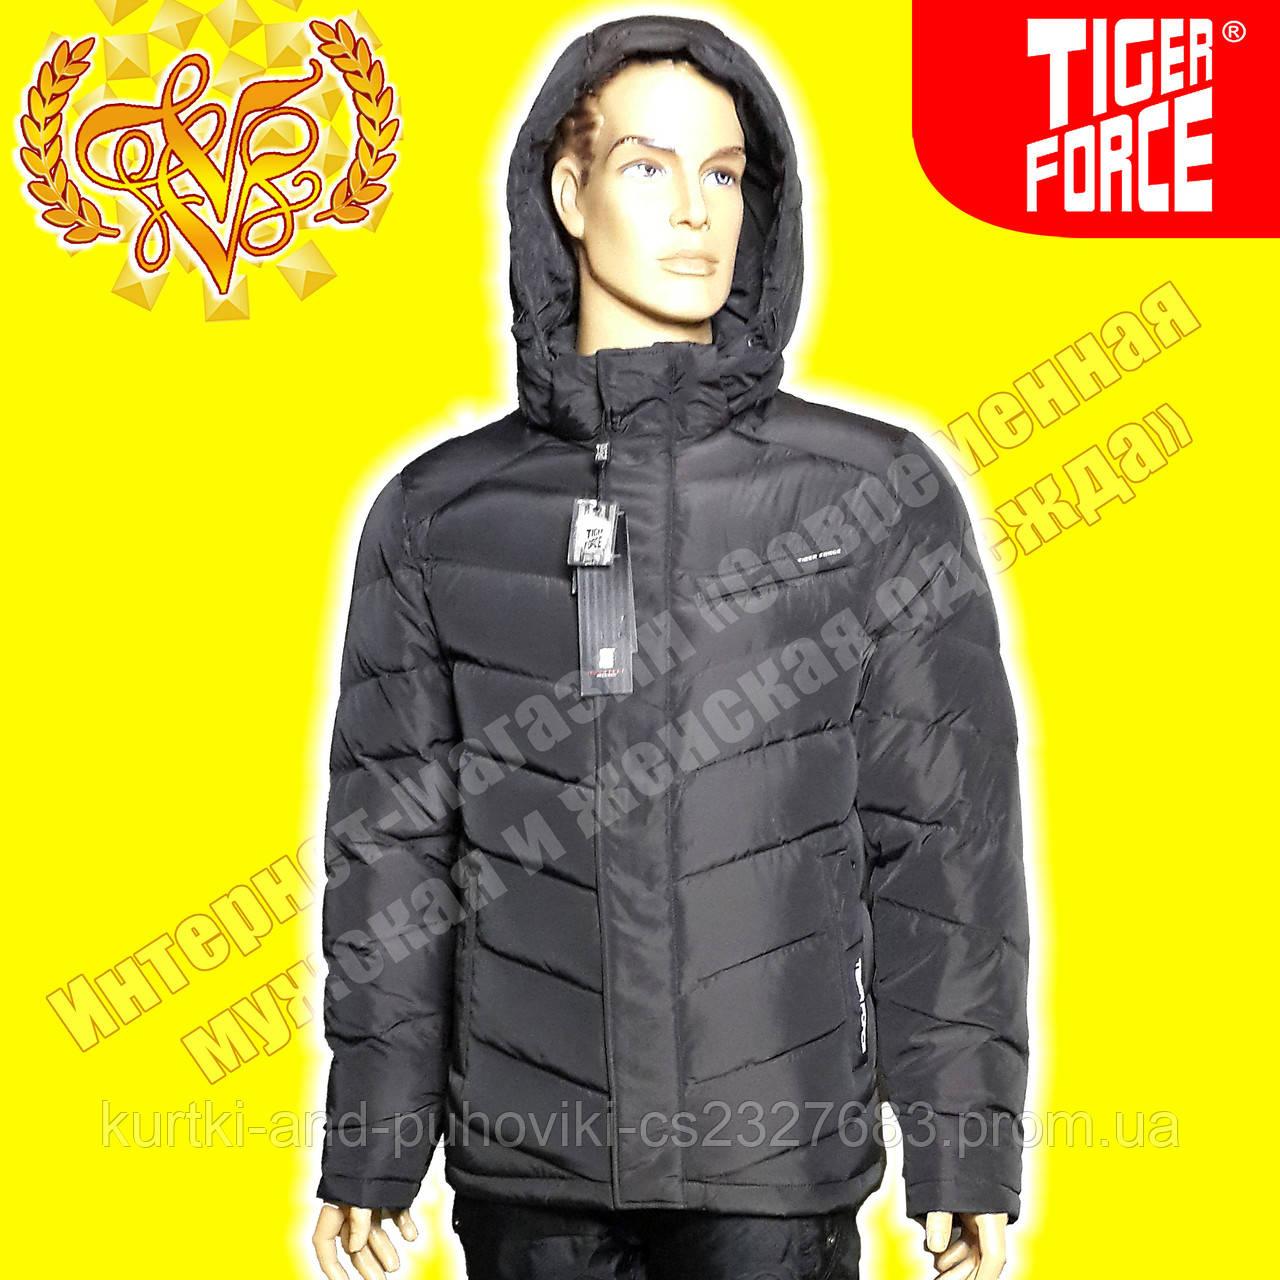 Пуховик - мужская куртка Tiger Force 379 Brown - Интернет-магазин  «Современная мужская и a21429e709f